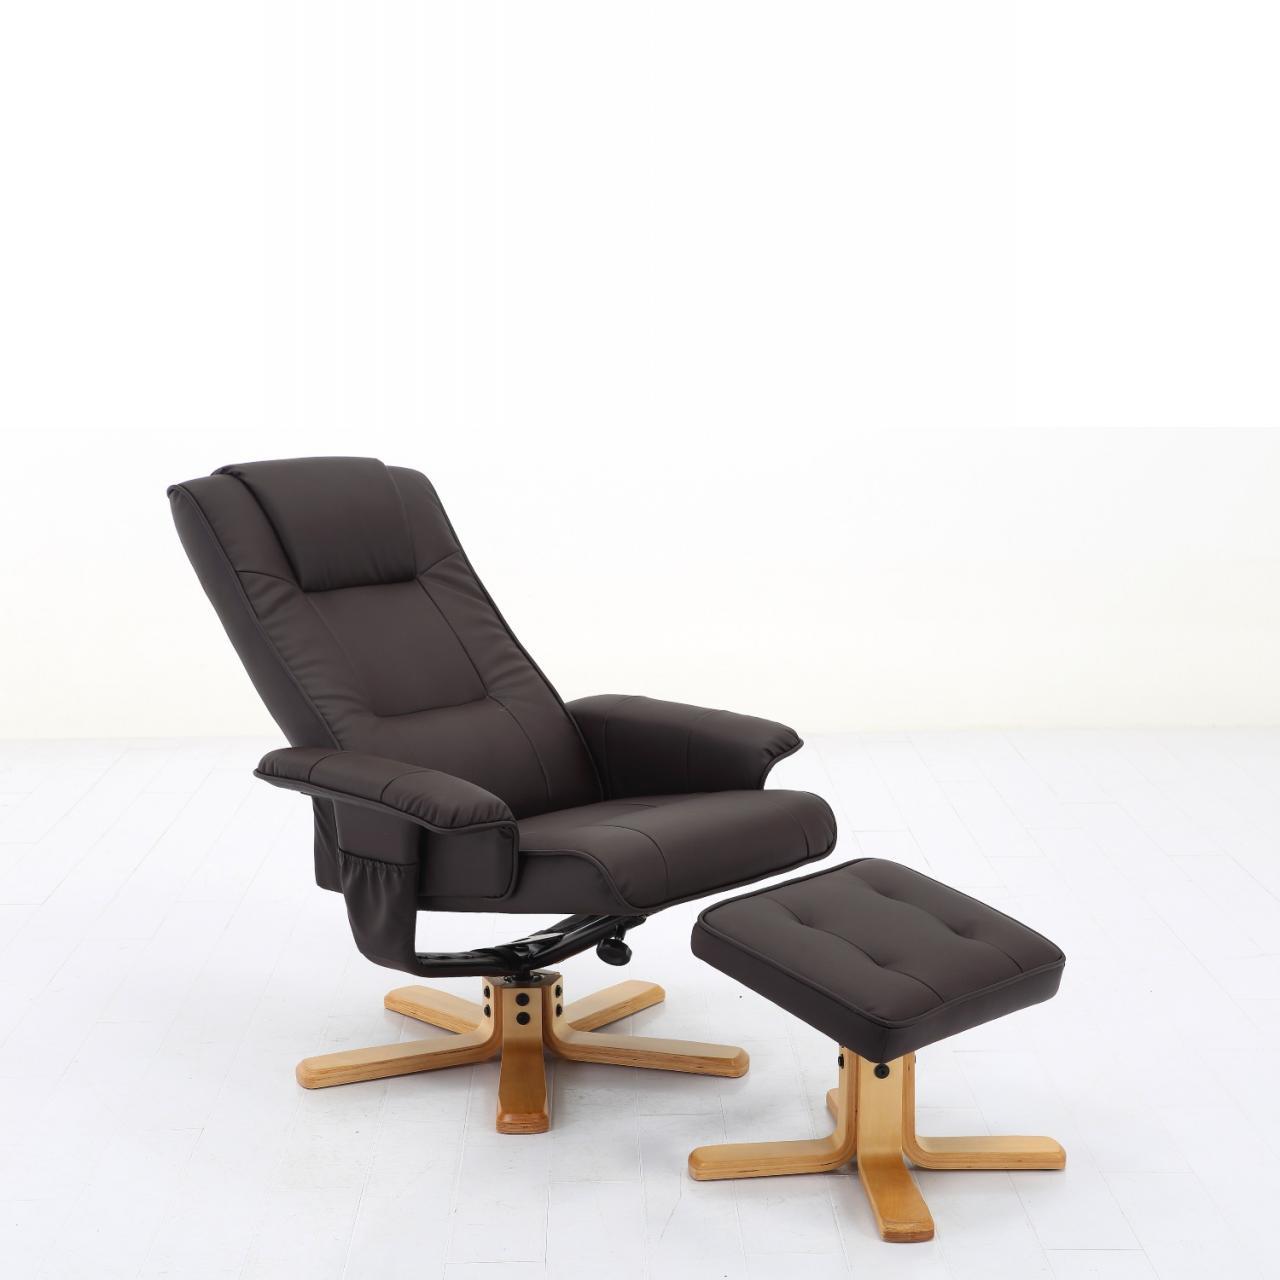 sessel online kaufen m bel j hnichen center gmbh m bel j hnichen center gmbh. Black Bedroom Furniture Sets. Home Design Ideas